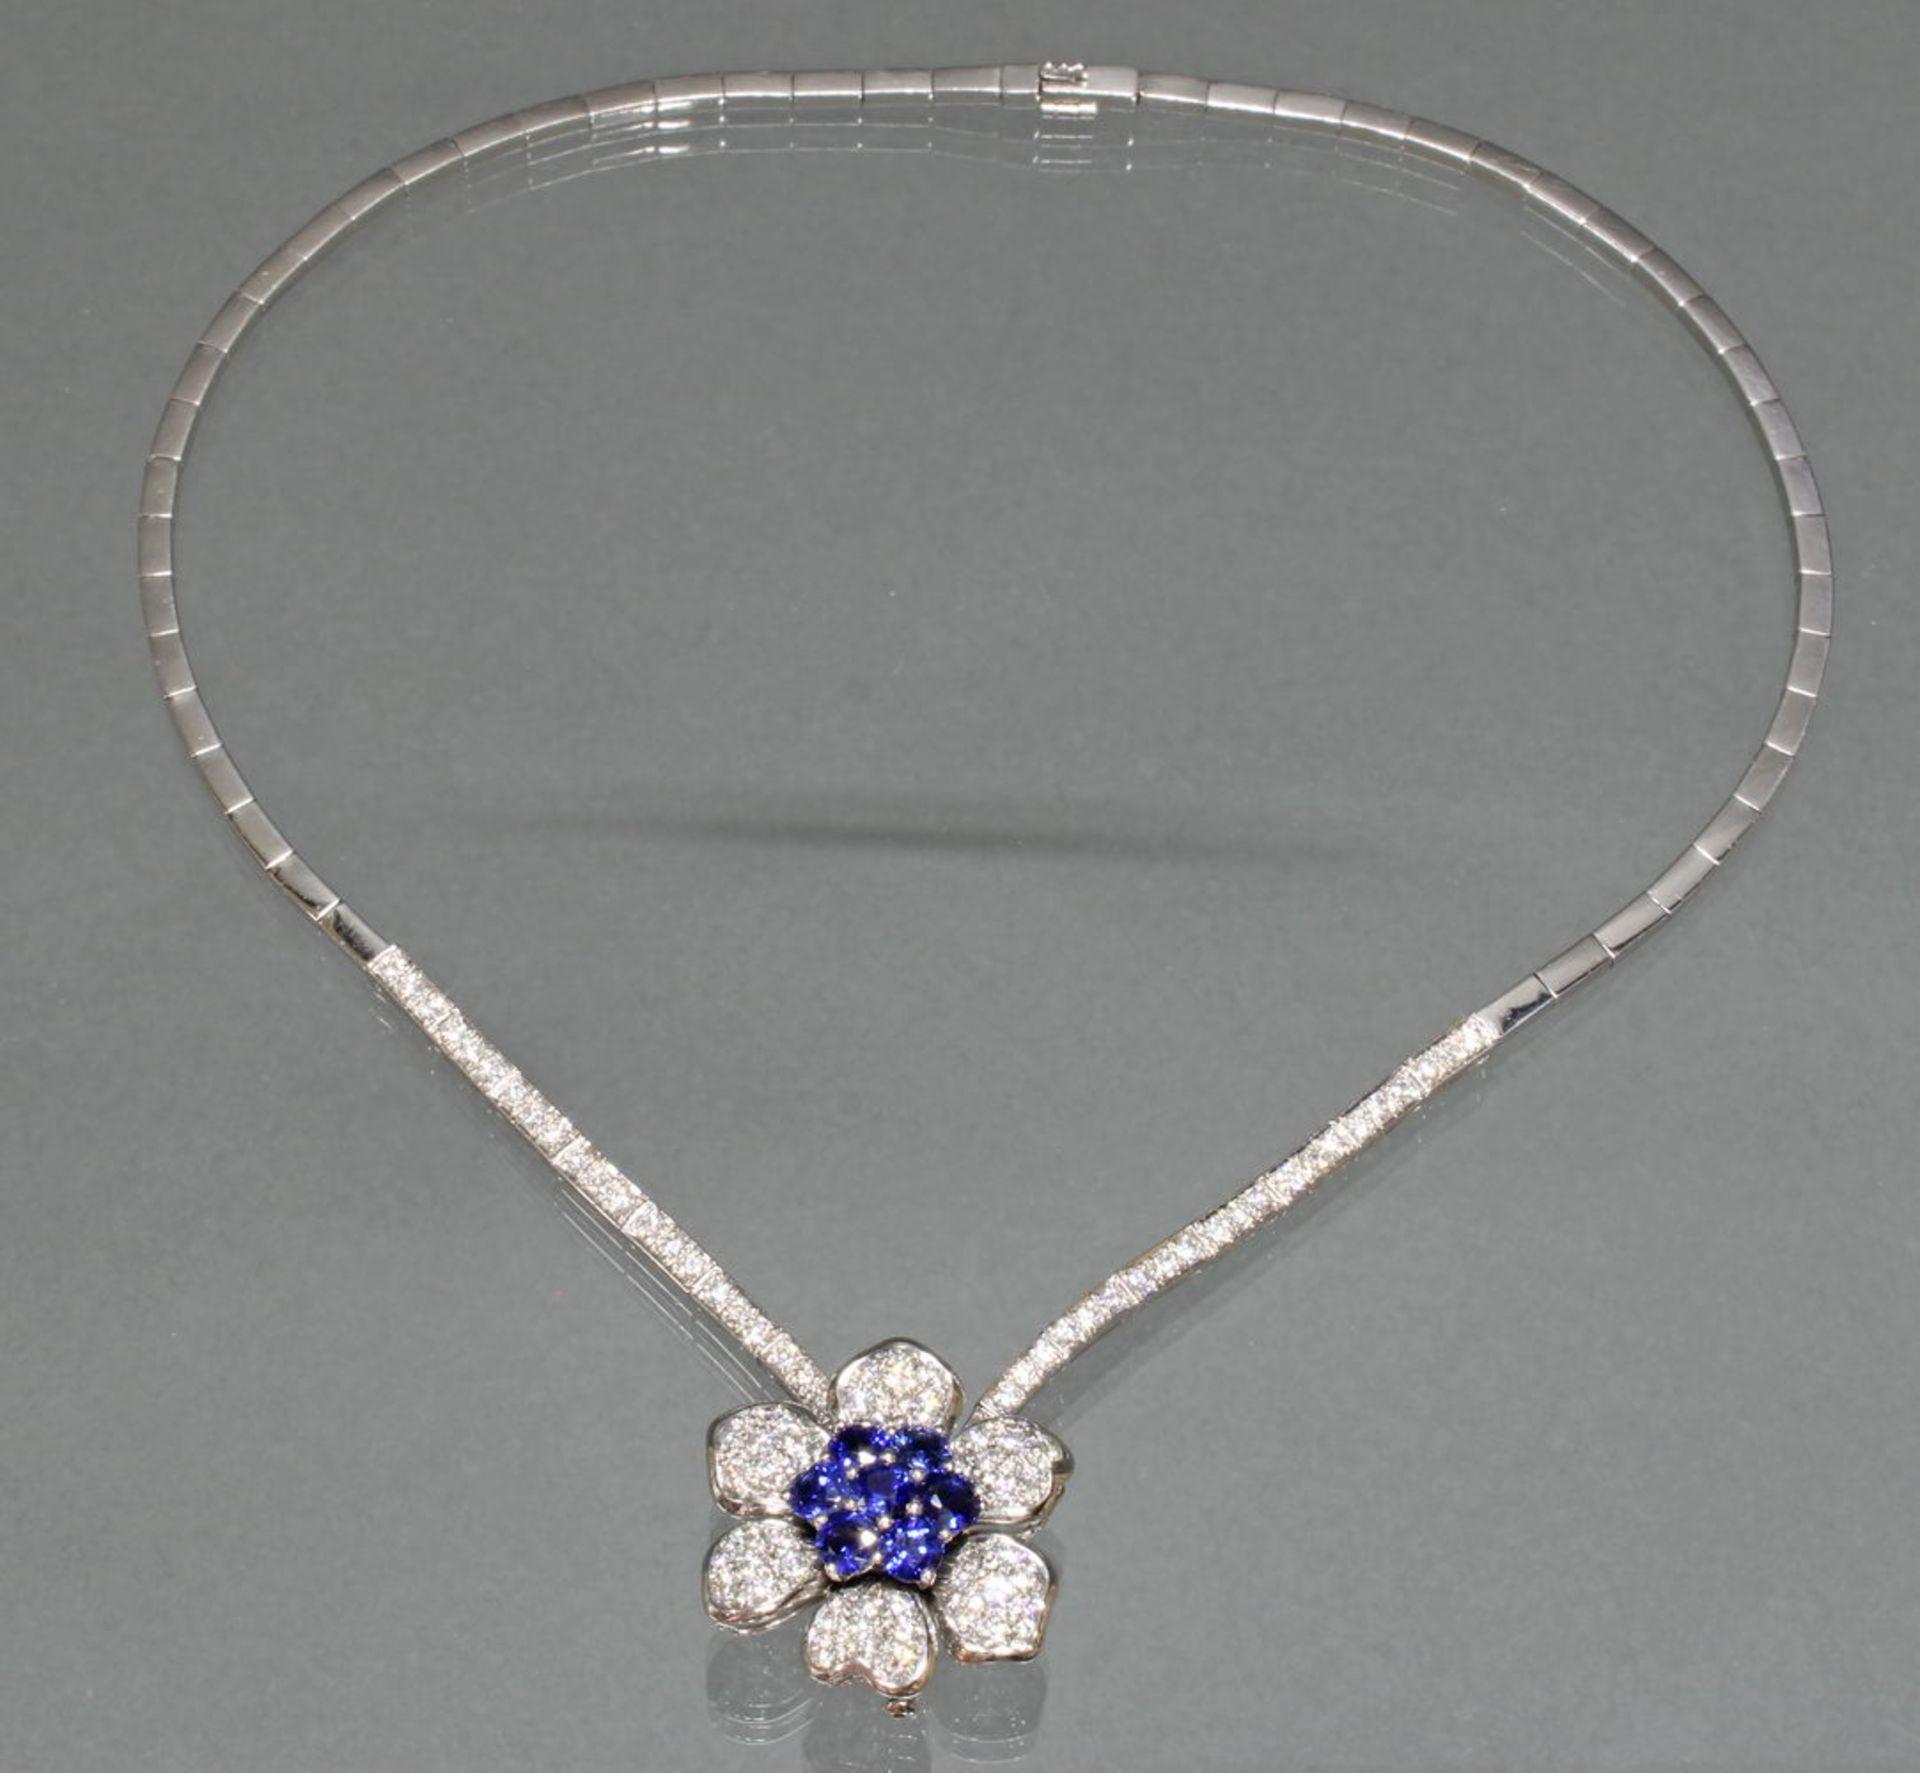 Collier, 'Blüten'-Mittelteil auch als Brosche zu tragen, Collier, WG 750, 54 Brillanten zus. ca. 1 - Bild 2 aus 2